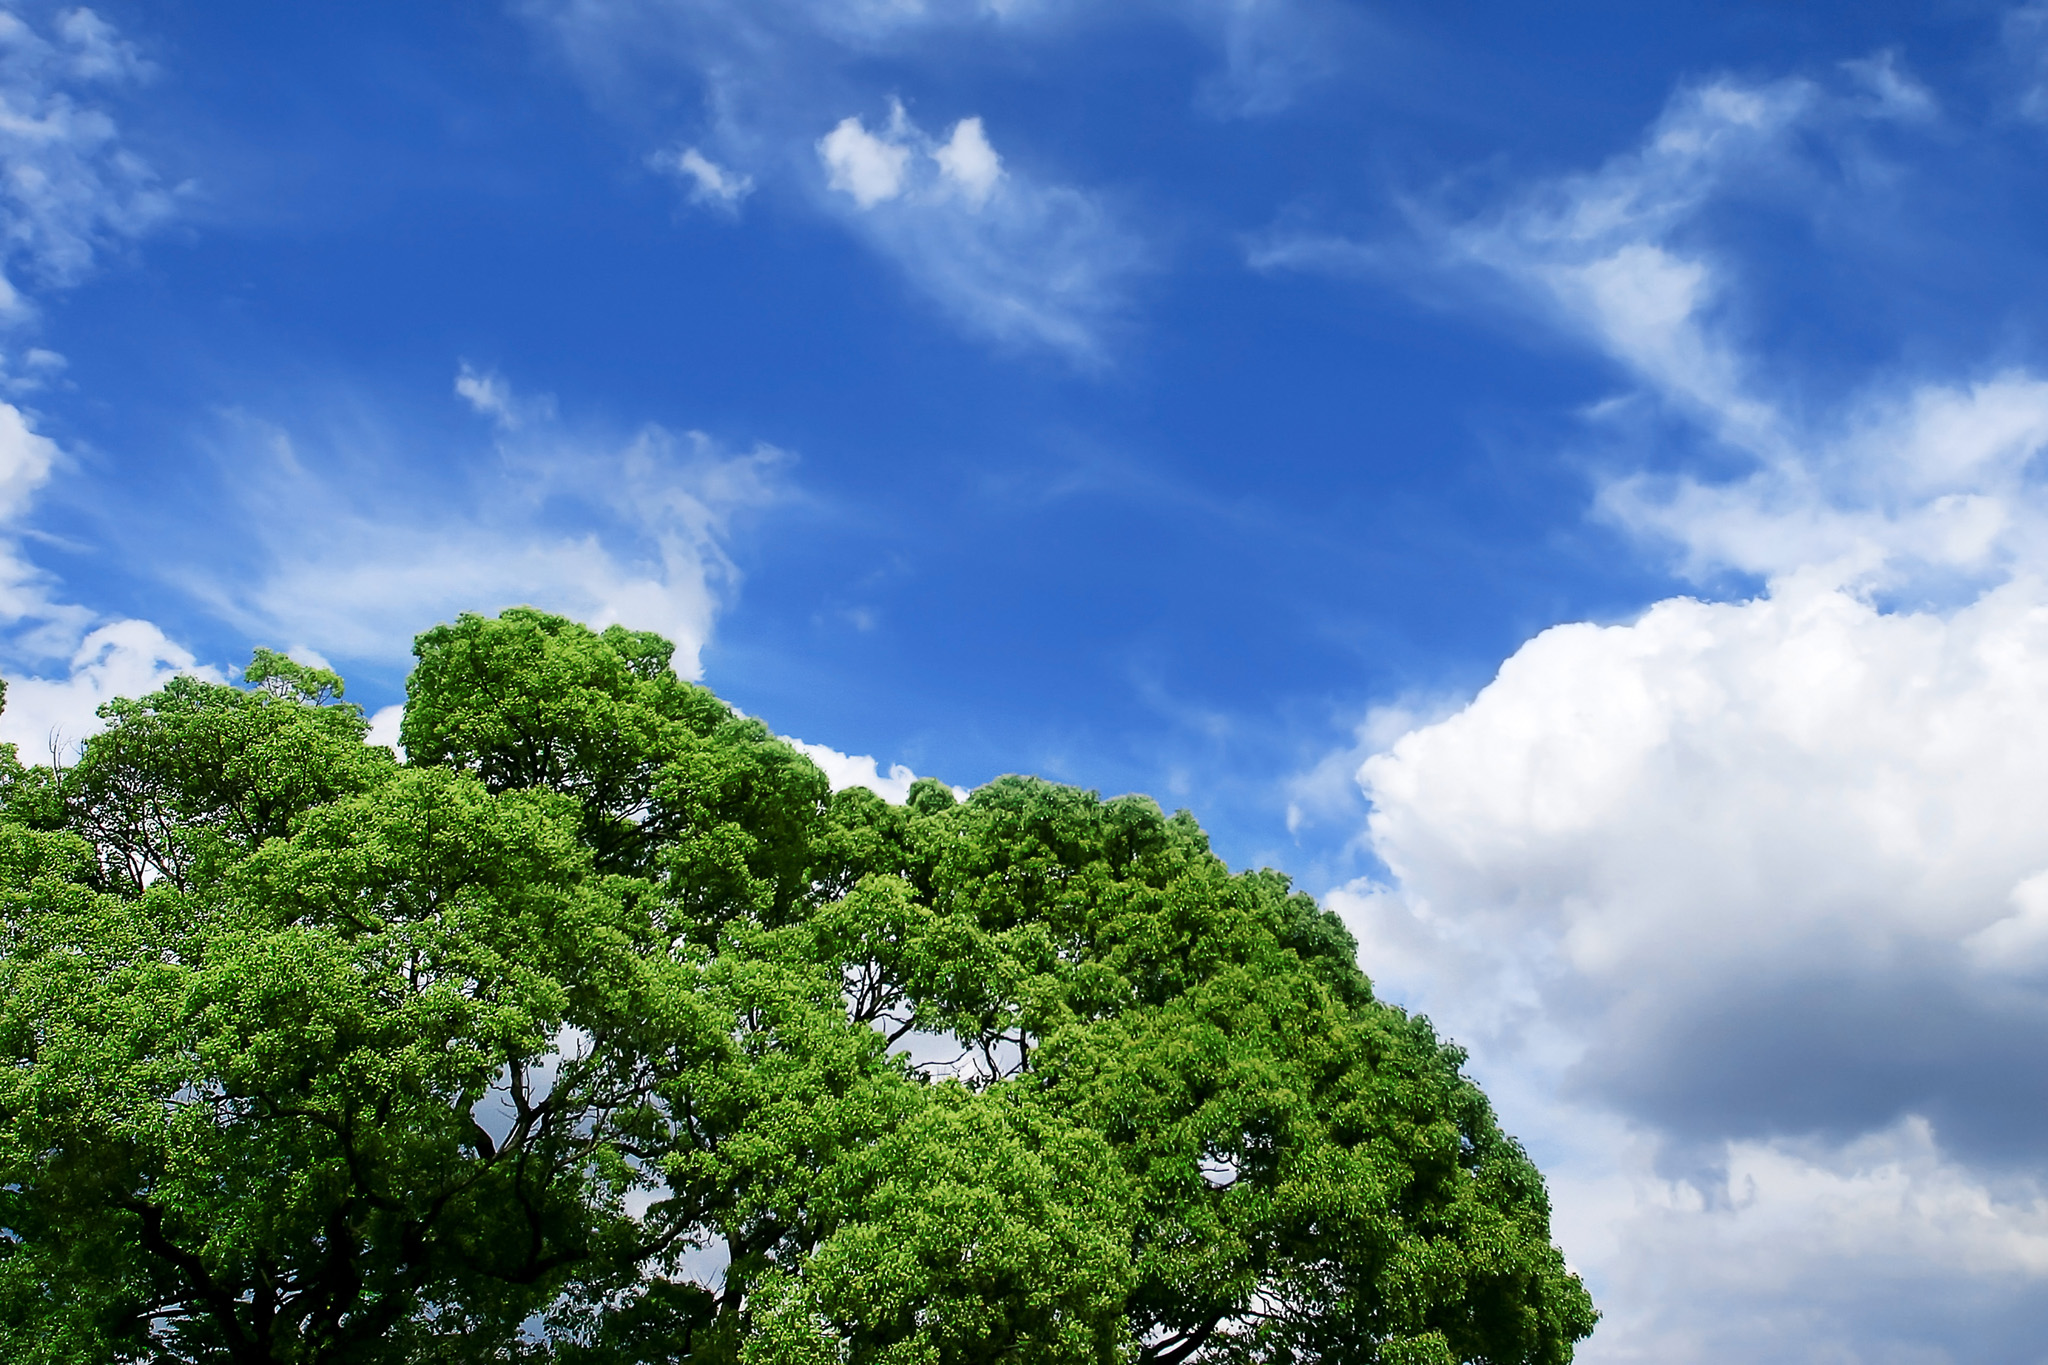 「夏空の下の大きな樹」